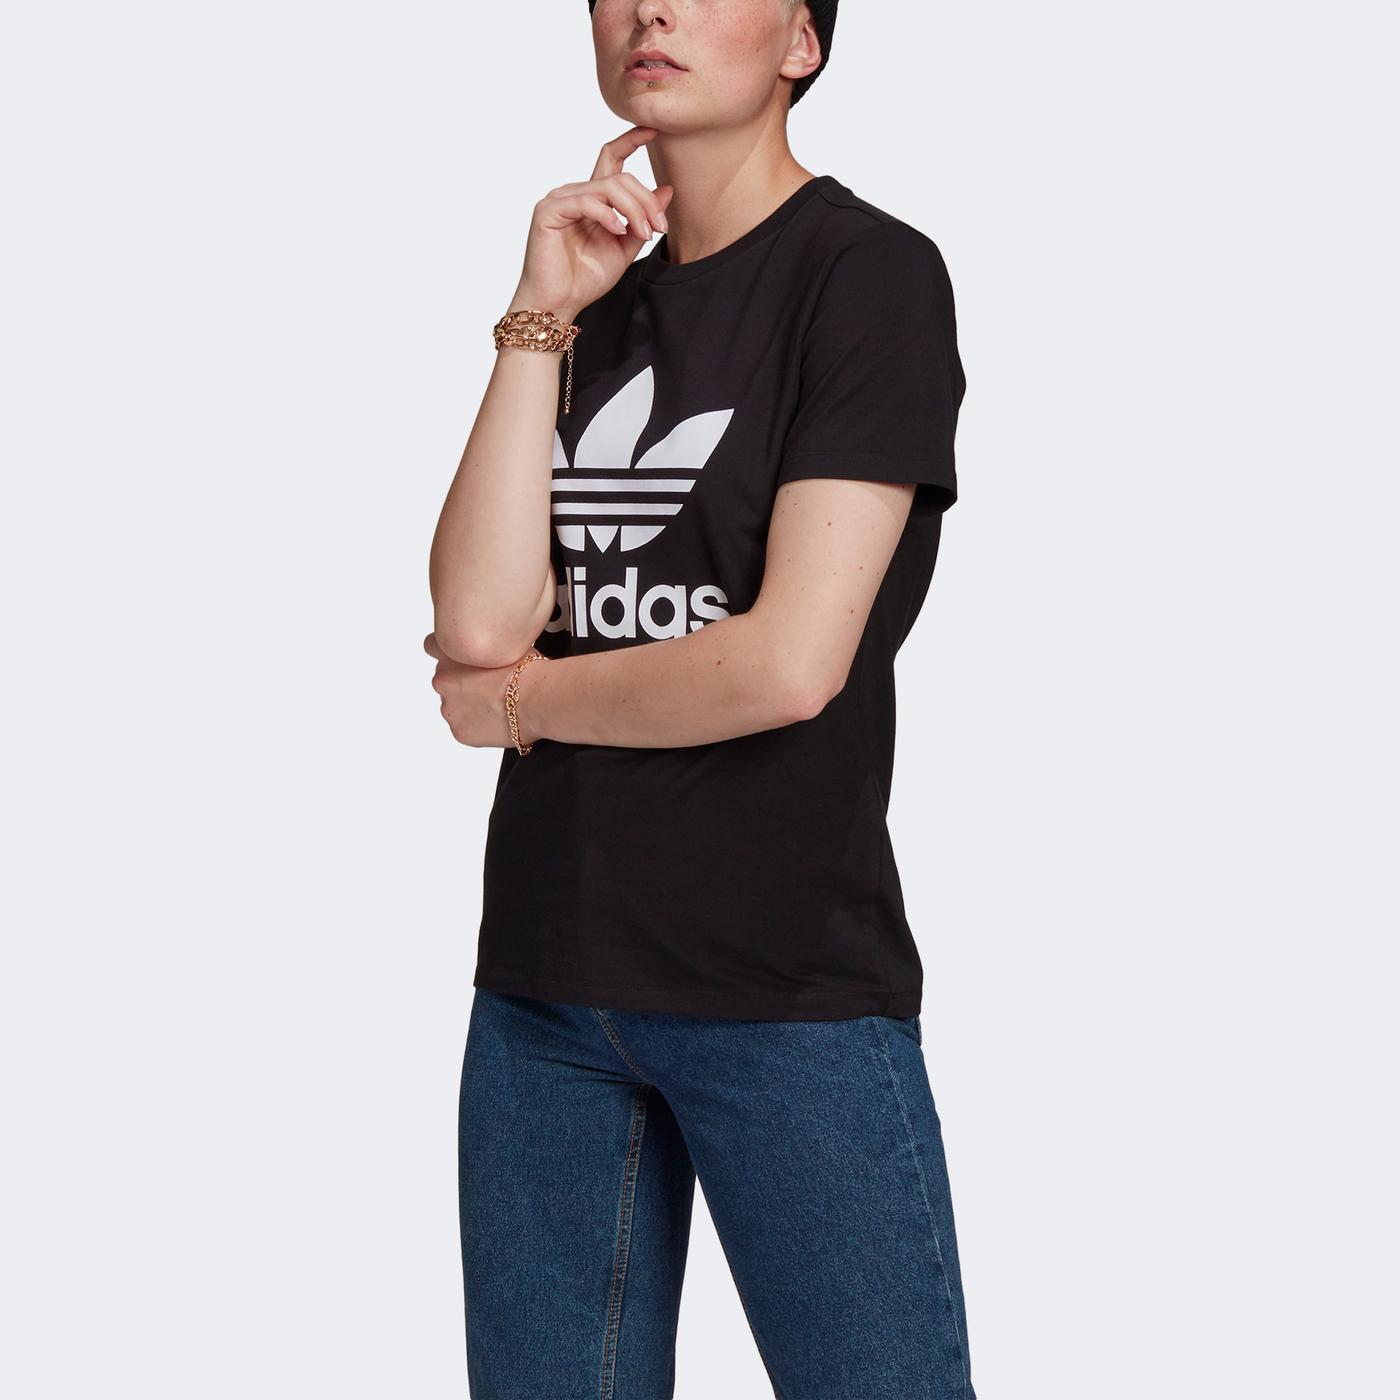 adidas Trefoil Kadın Siyah T-Shirt